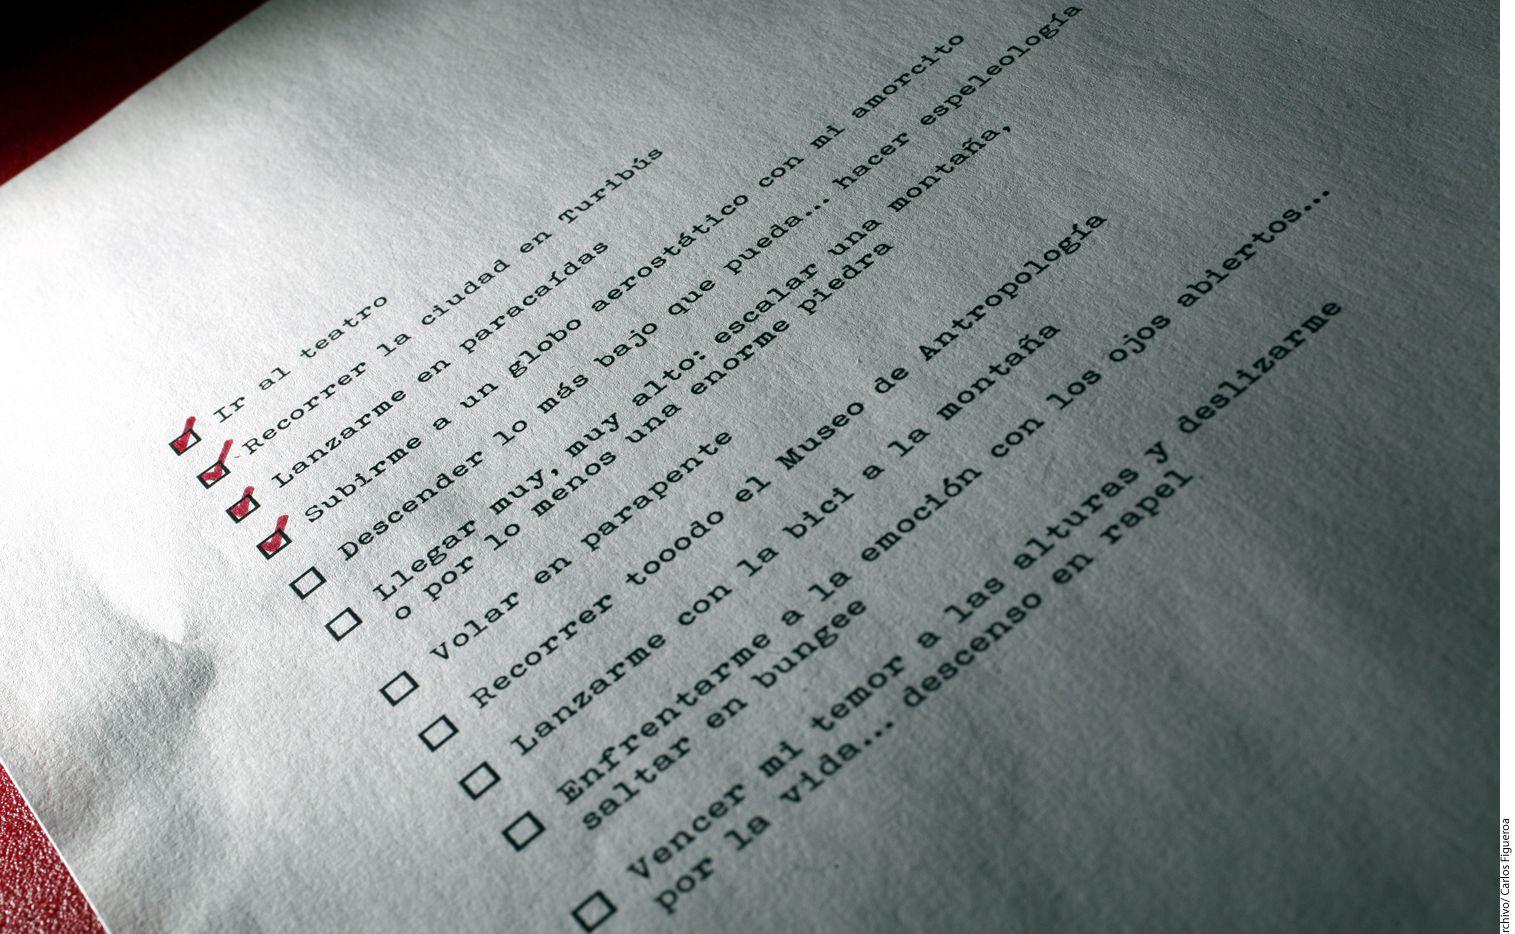 Beneficios de usar una agenda para tu productividad. (AGENCIA REFORMA)